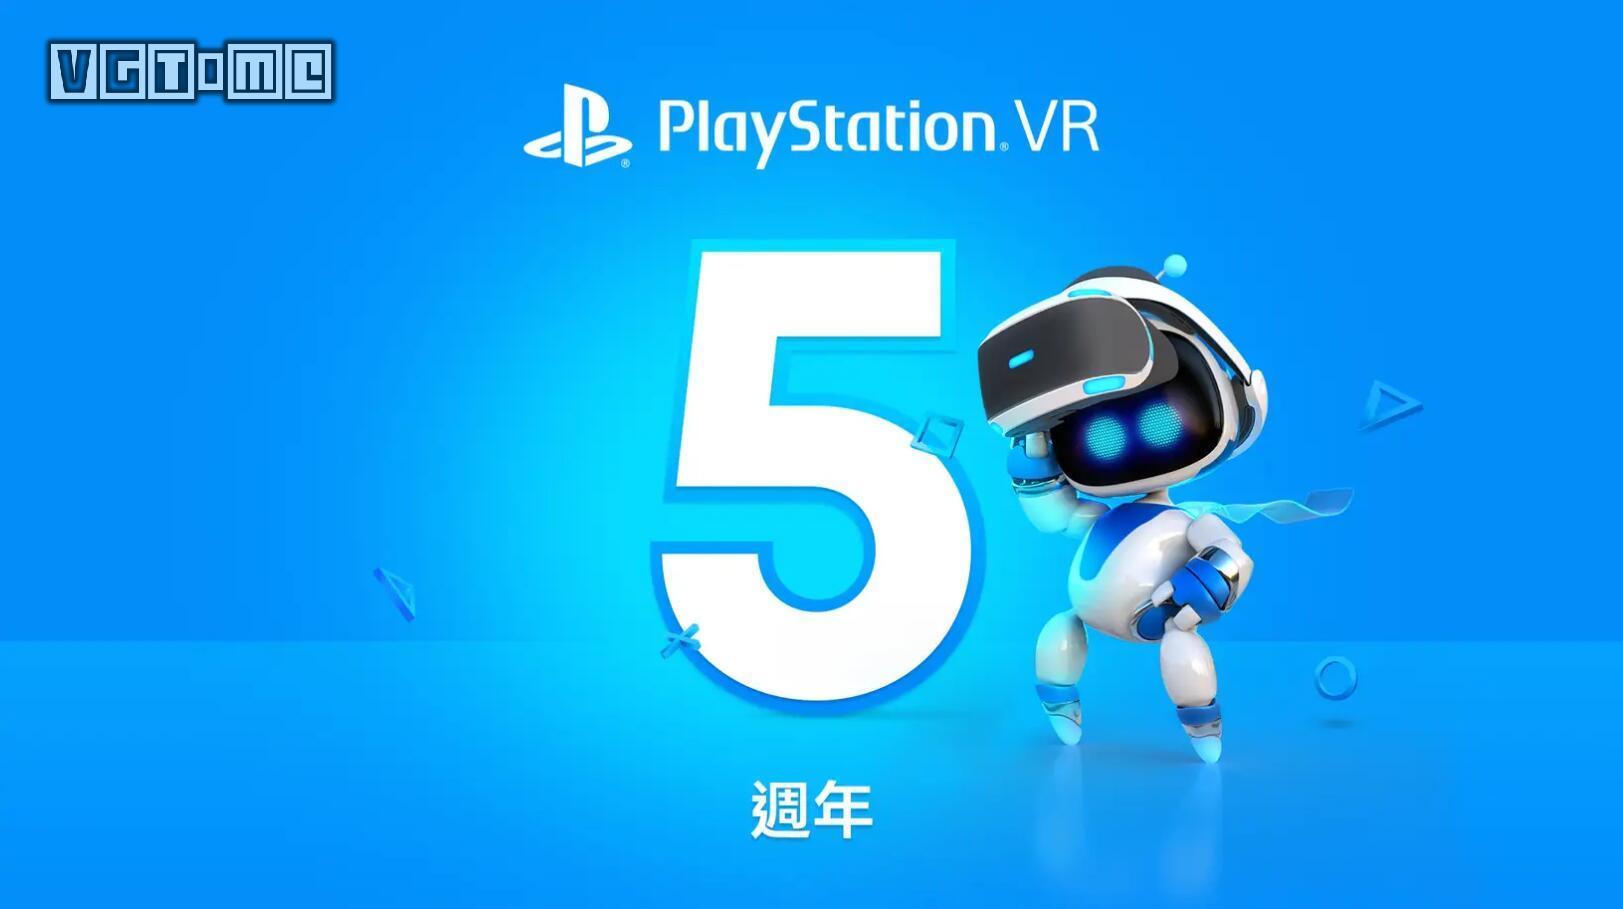 为庆祝PS VR推出5周年,此后每月会免将追加两款VR游戏